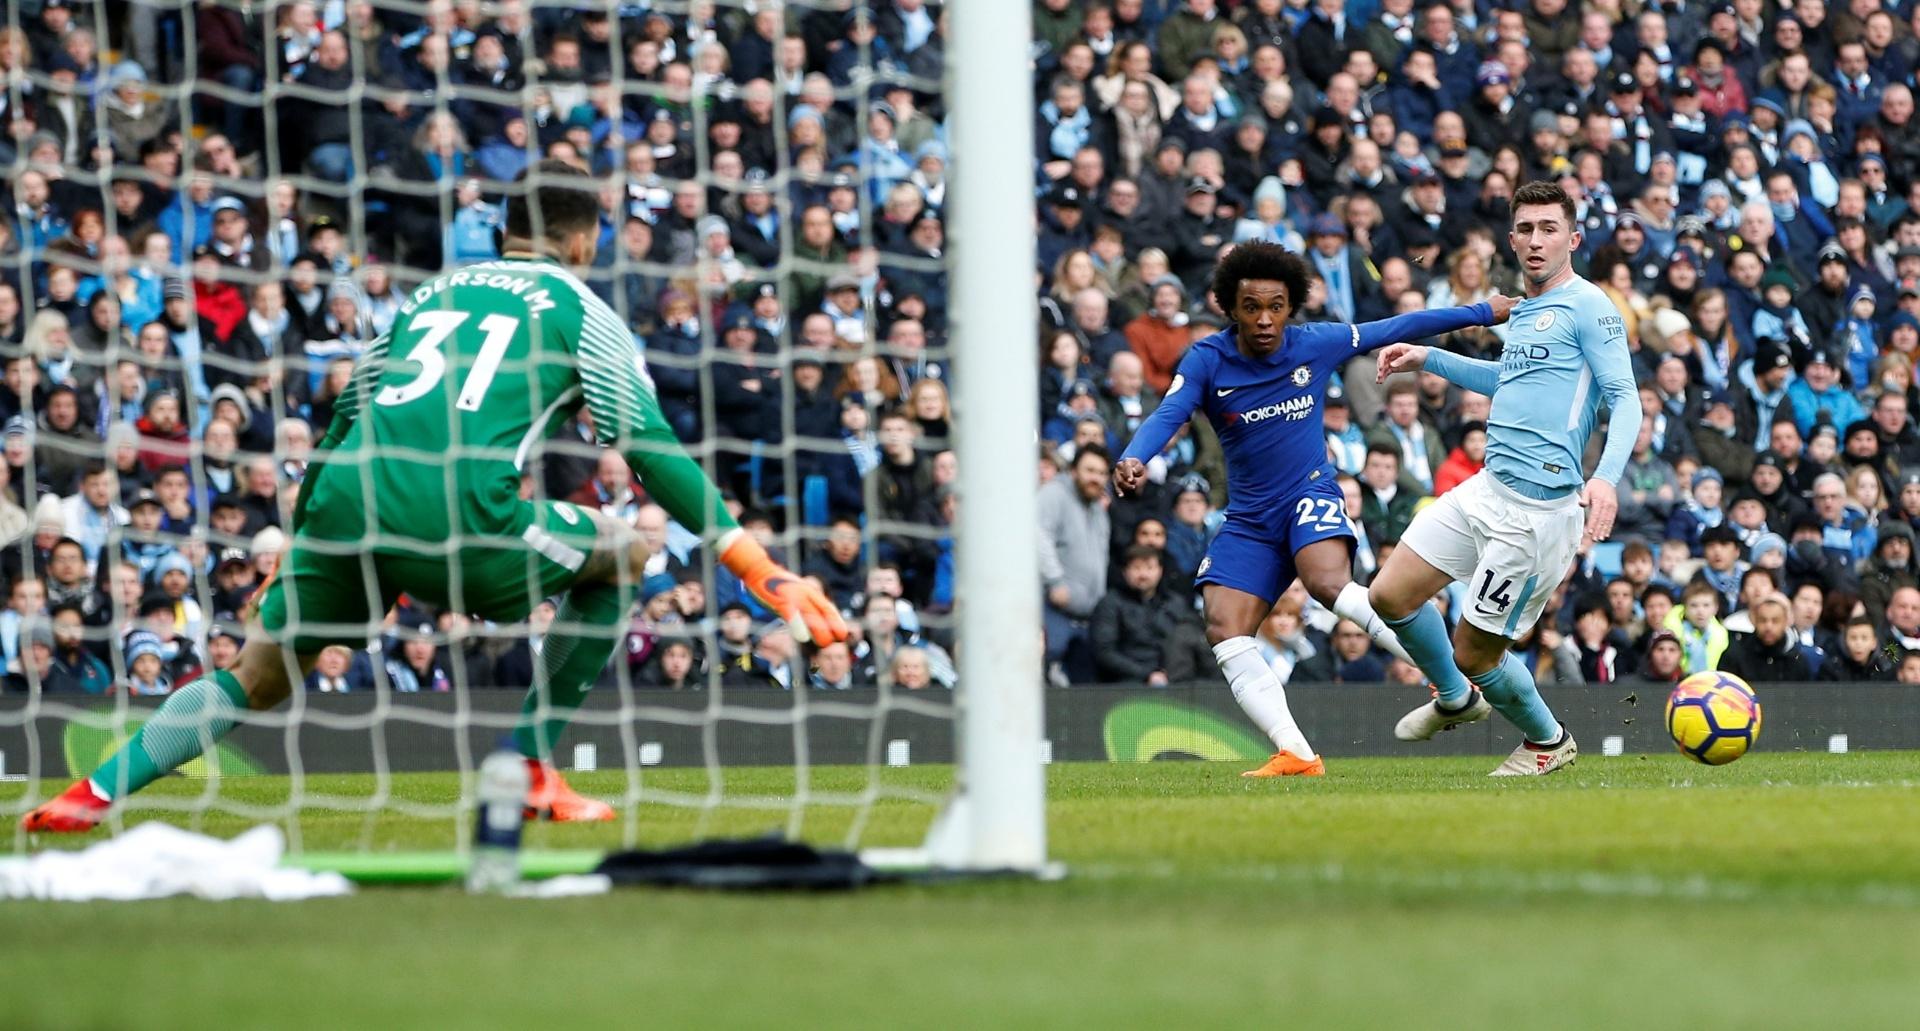 Willian cruza a bola durante o jogo entre Manchester City e Chelsea